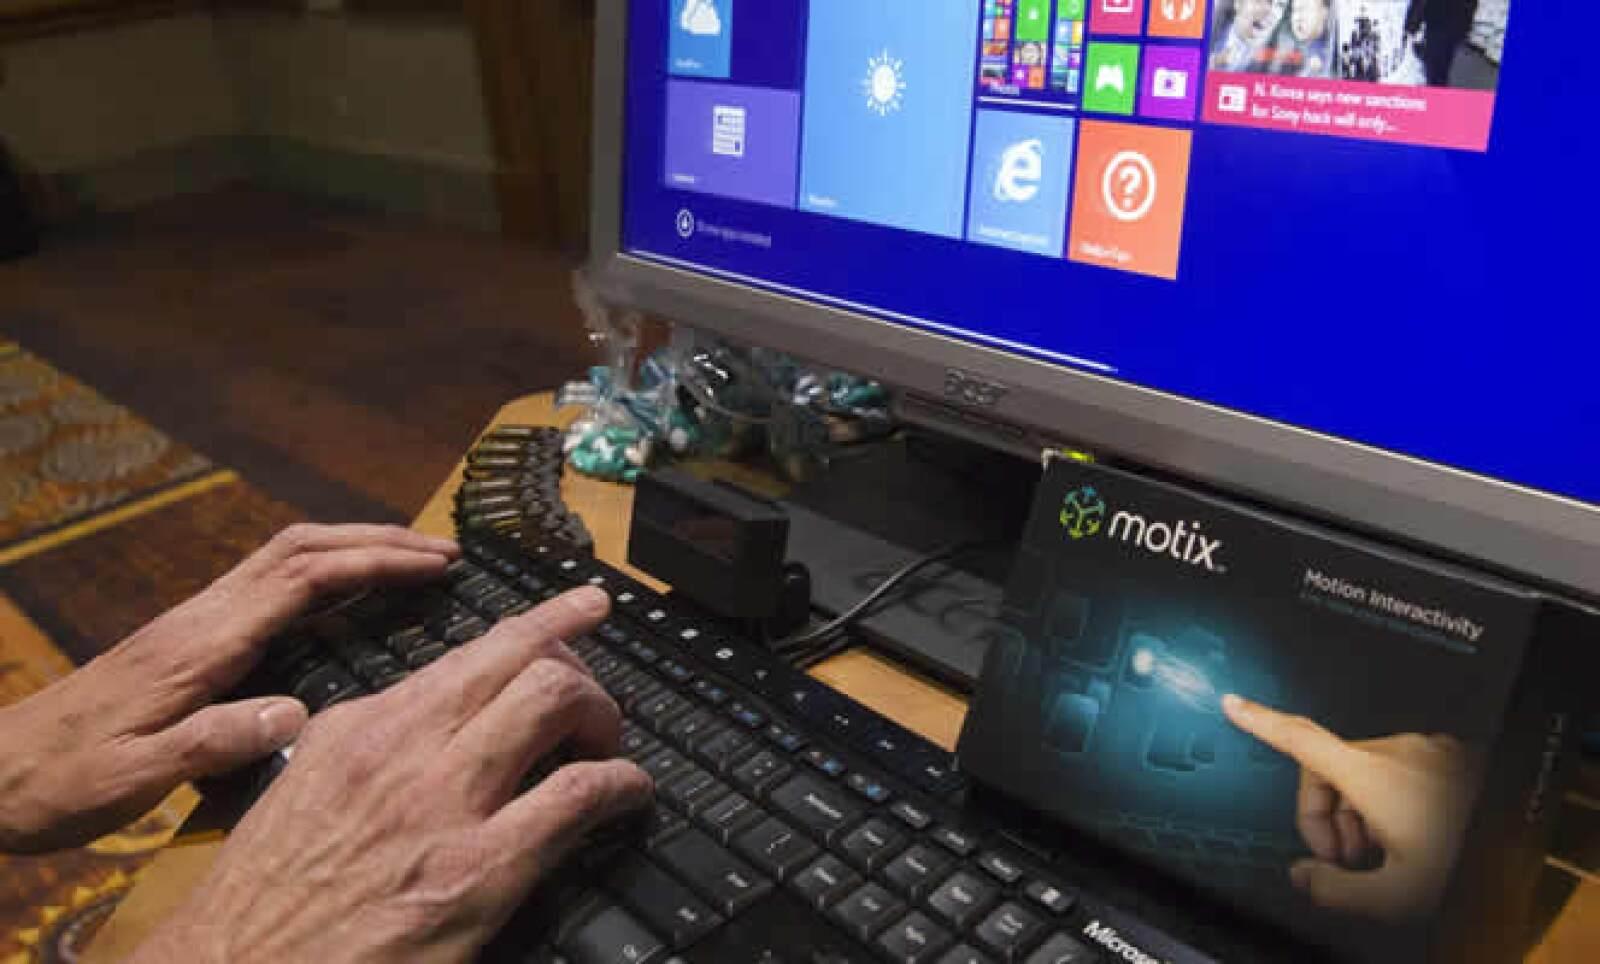 Motix es un monitor que permite usar tus dedos como un mouse y otras funciones sin tocar el teclado.